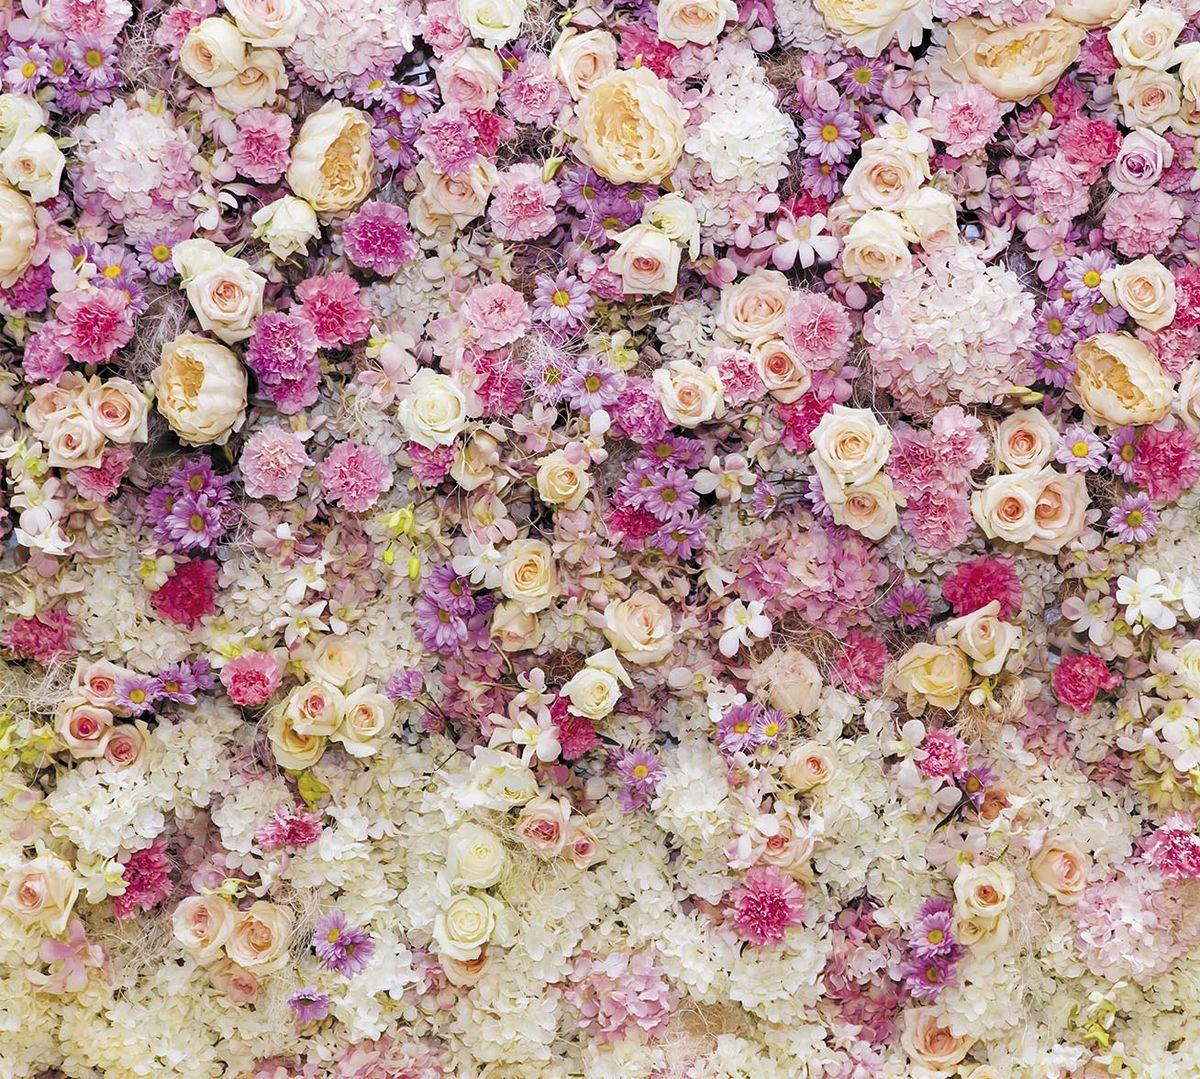 Фотообои флизелиновые Milan Чувственность розового, текстурные, 3 х 2,7 мM 3501Текстурные флизелиновые фотообои Milan Чувственность розового позволят создать неповторимый облик помещения, в котором они размещены. Milan — дизайнерская коллекция фотообоев и фотопанно европейского качества, созданная на основе последних тенденций в мире интерьерной моды. Еще вчера эти тренды демонстрировались на подиумах столицы моды, а сегодня они нашли реализацию в декоре стен. Фотообои Milan реализуют концепцию доступности Моды для жителей больших и маленьких городов. Фотообои Milan — мода для стен, доступная каждому! Монтаж: Клеи Quelid Murale, Хенкель Metylan Овалид Т и Pufas Security GK10 . Принцип монтажа: стык в стык.